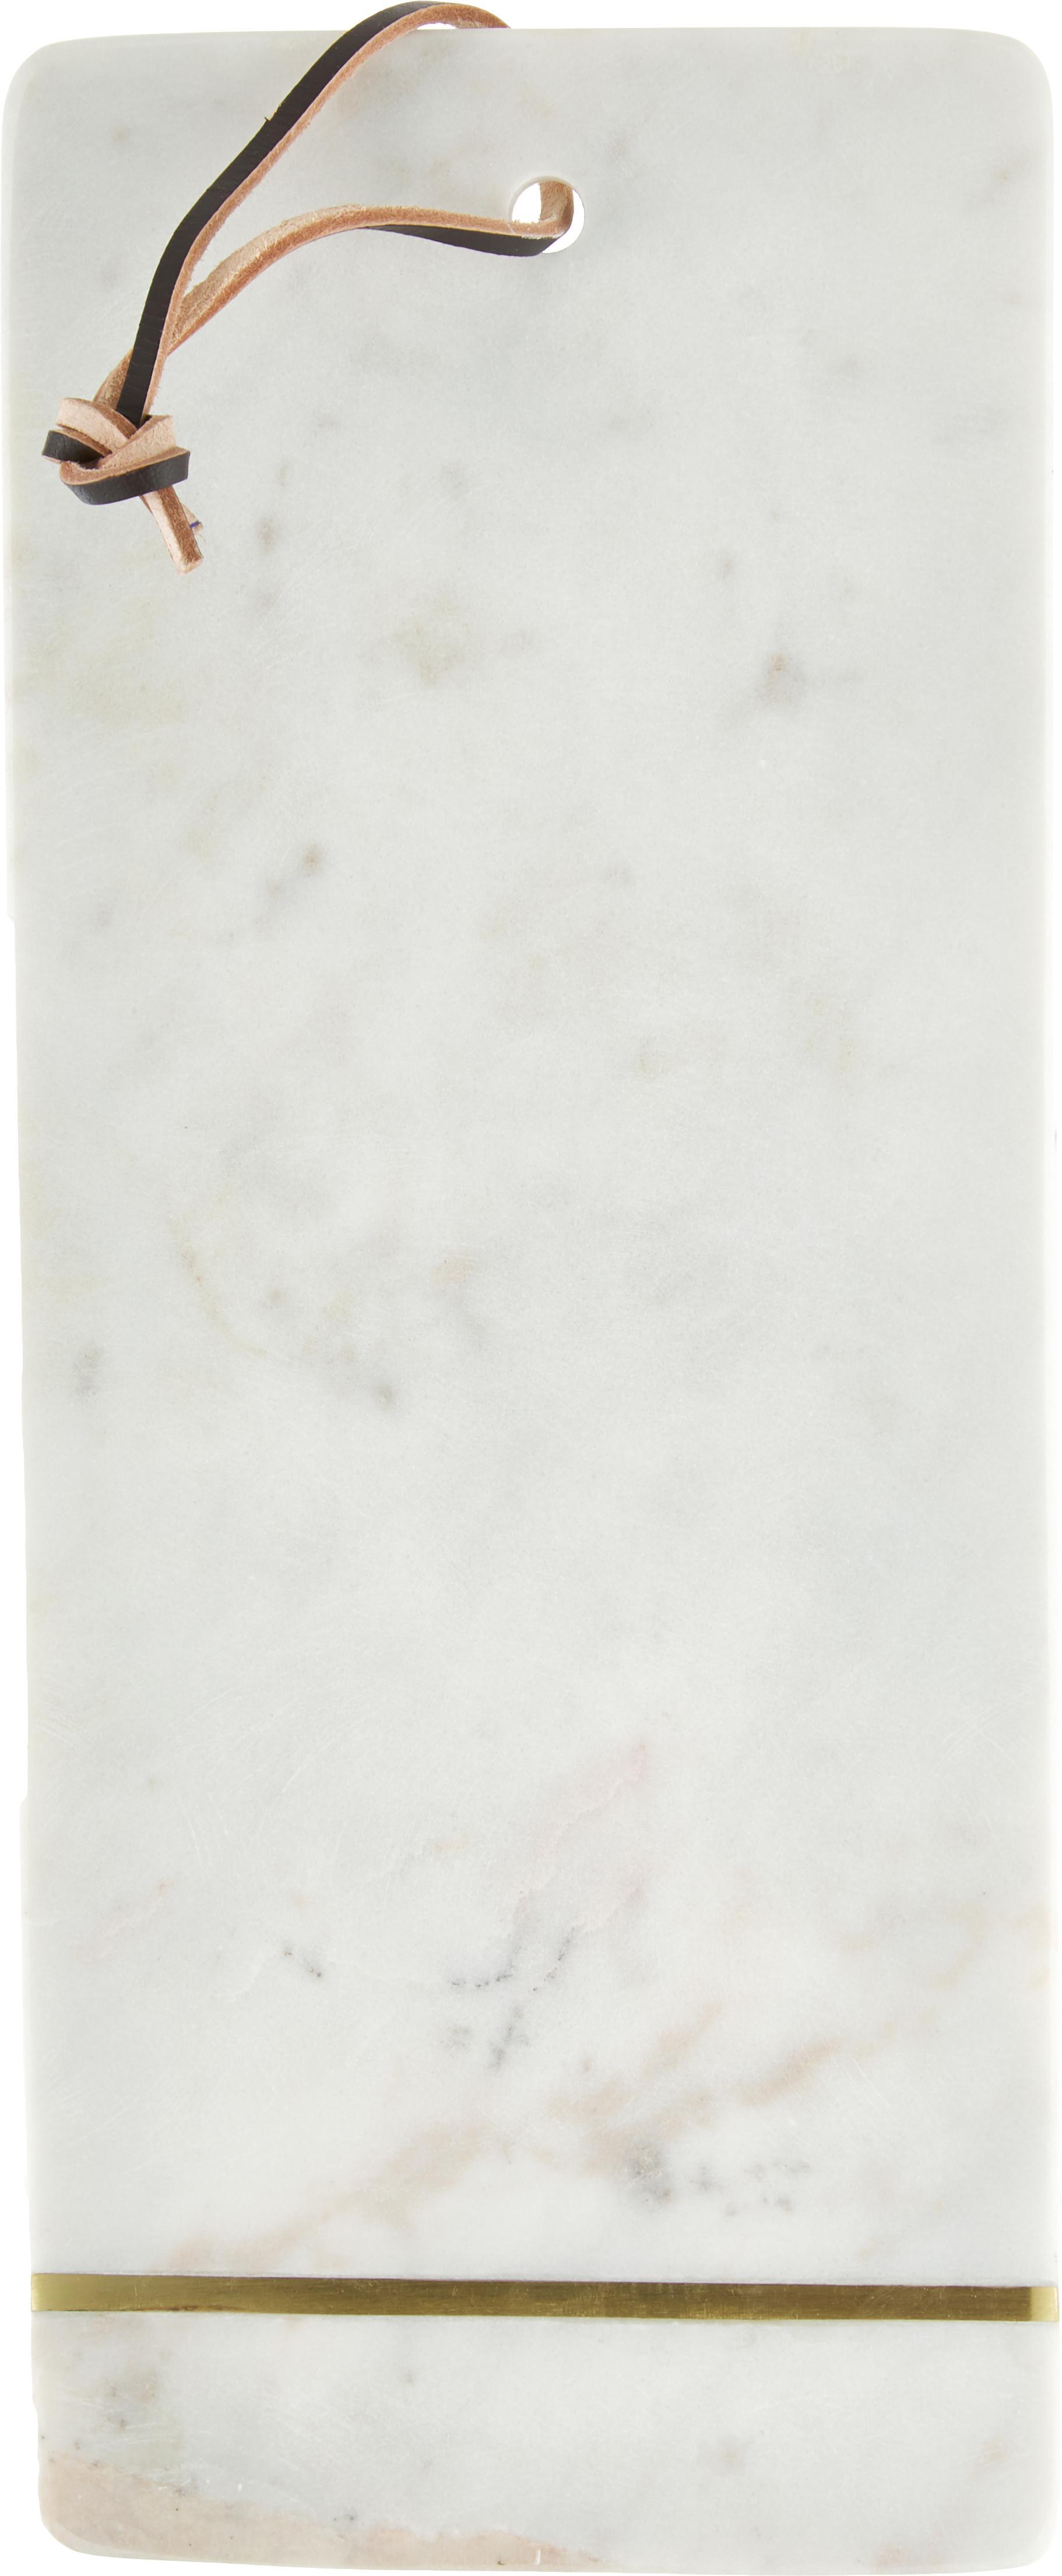 Deska do krojenia z marmuru Strip, Biały, odcienie złotego, S 37 x G 15 cm